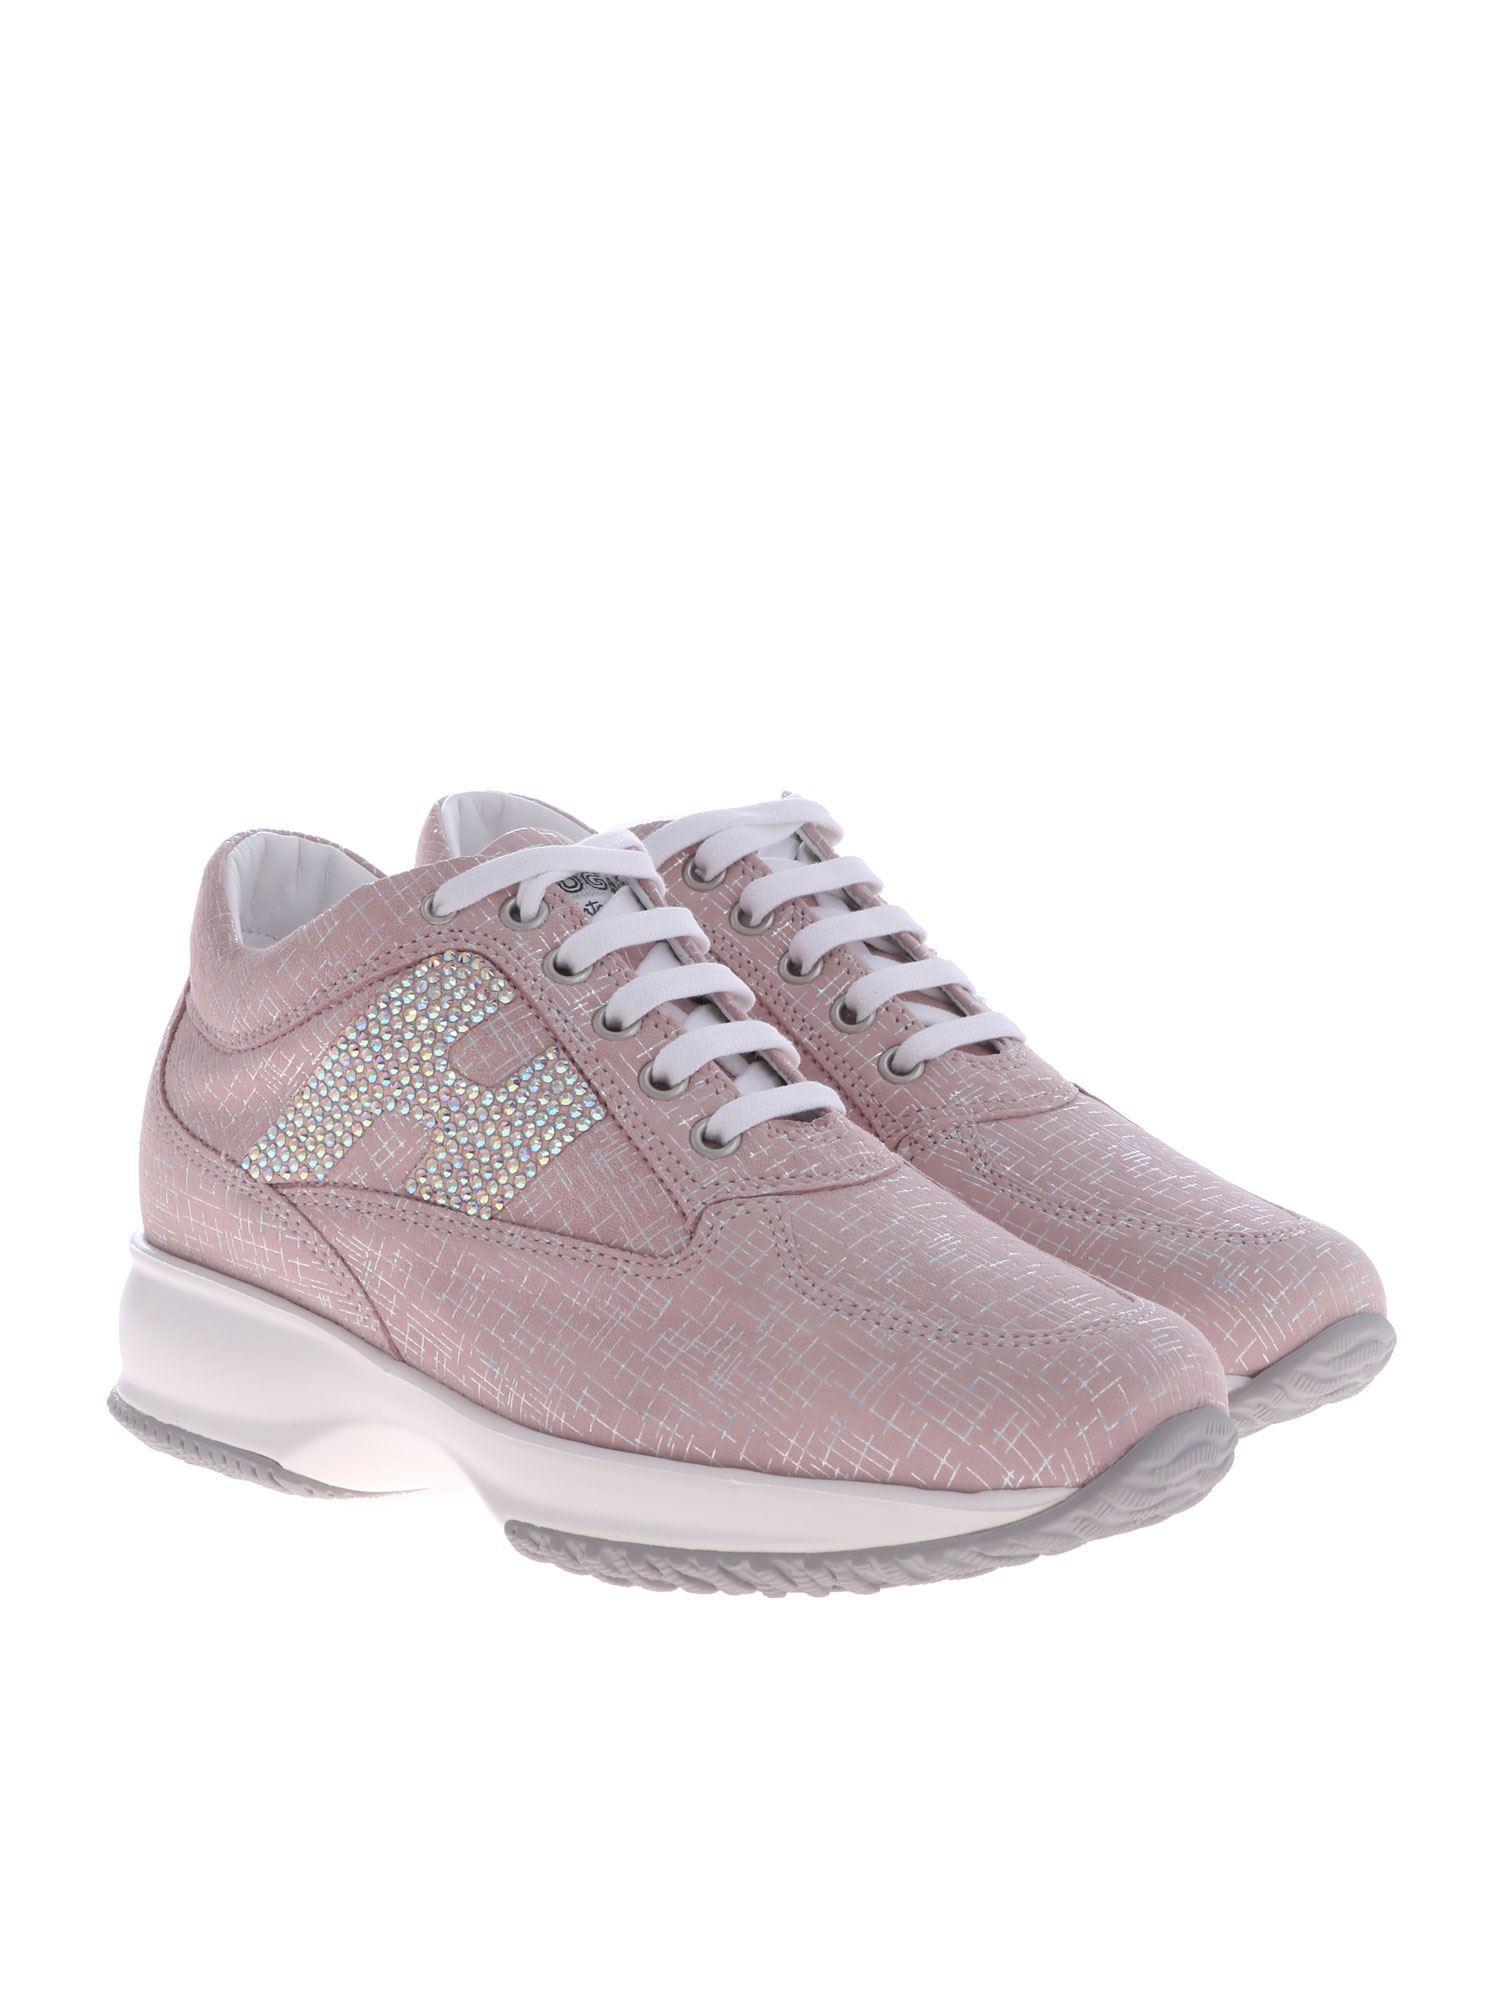 5bd97885eee Hogan Pink Interactive H Sneakers in Pink - Lyst